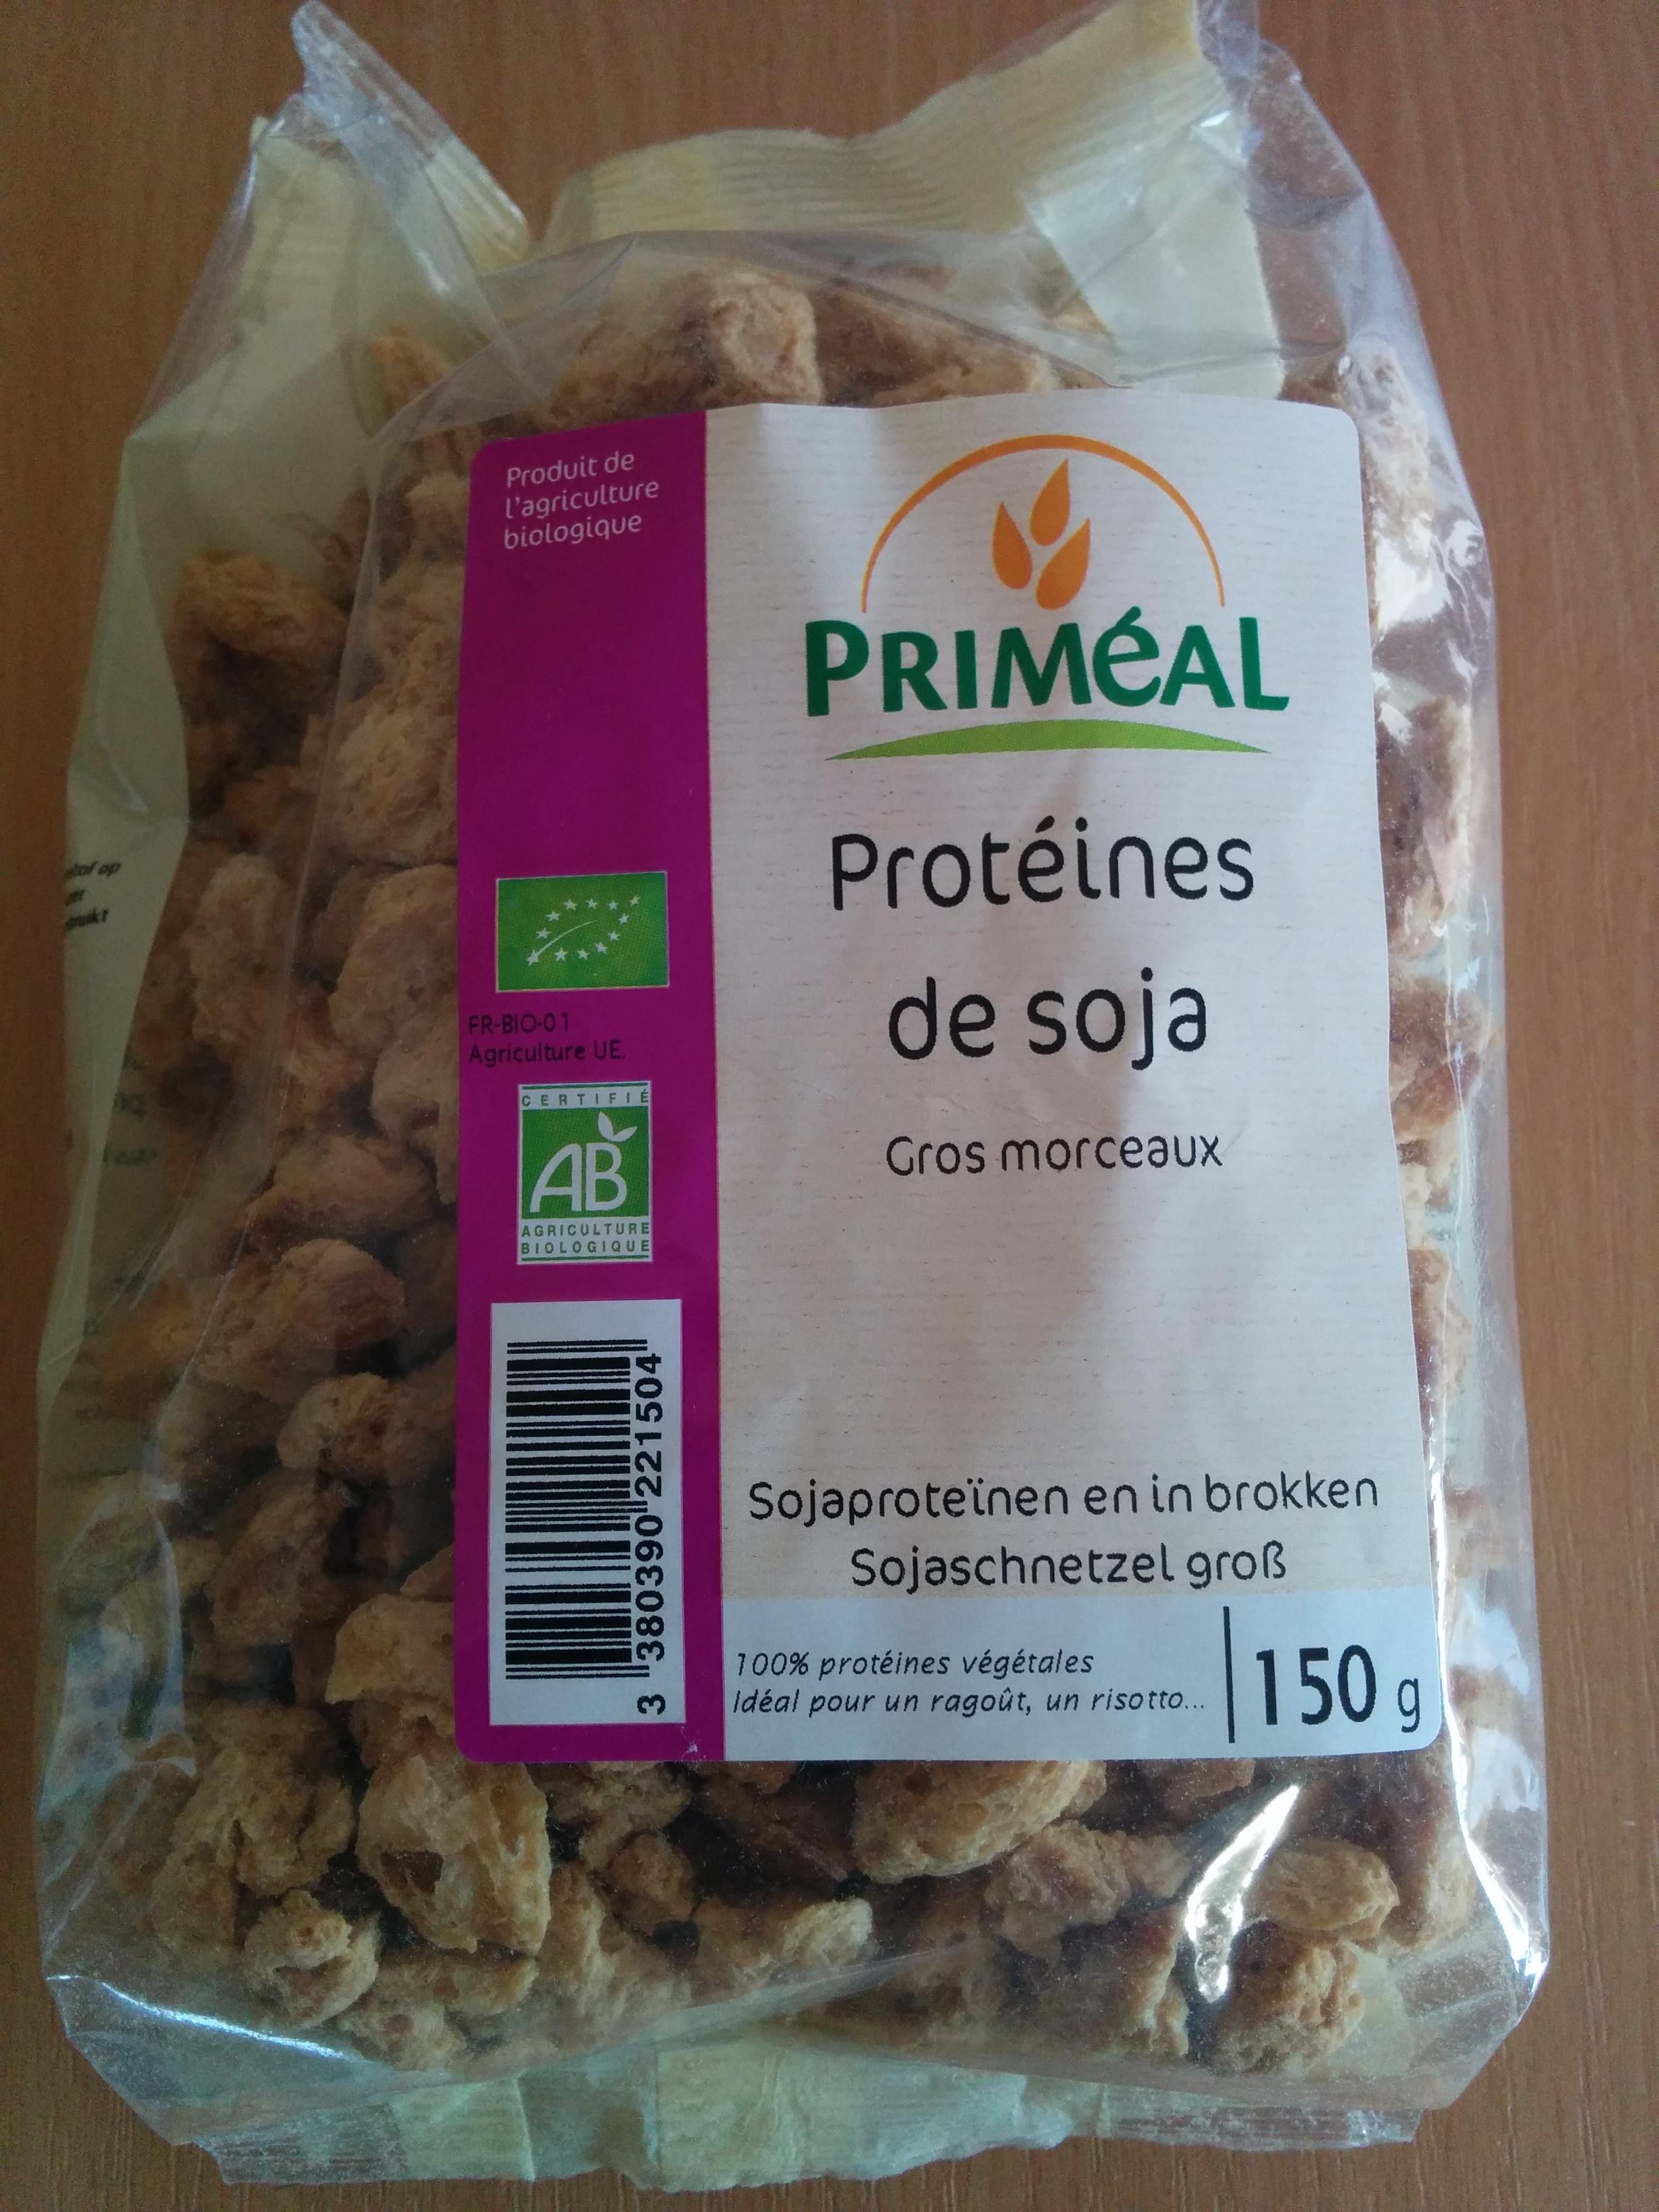 Prot ines de soja gros morceaux prim al 150 g for Proteine de soja